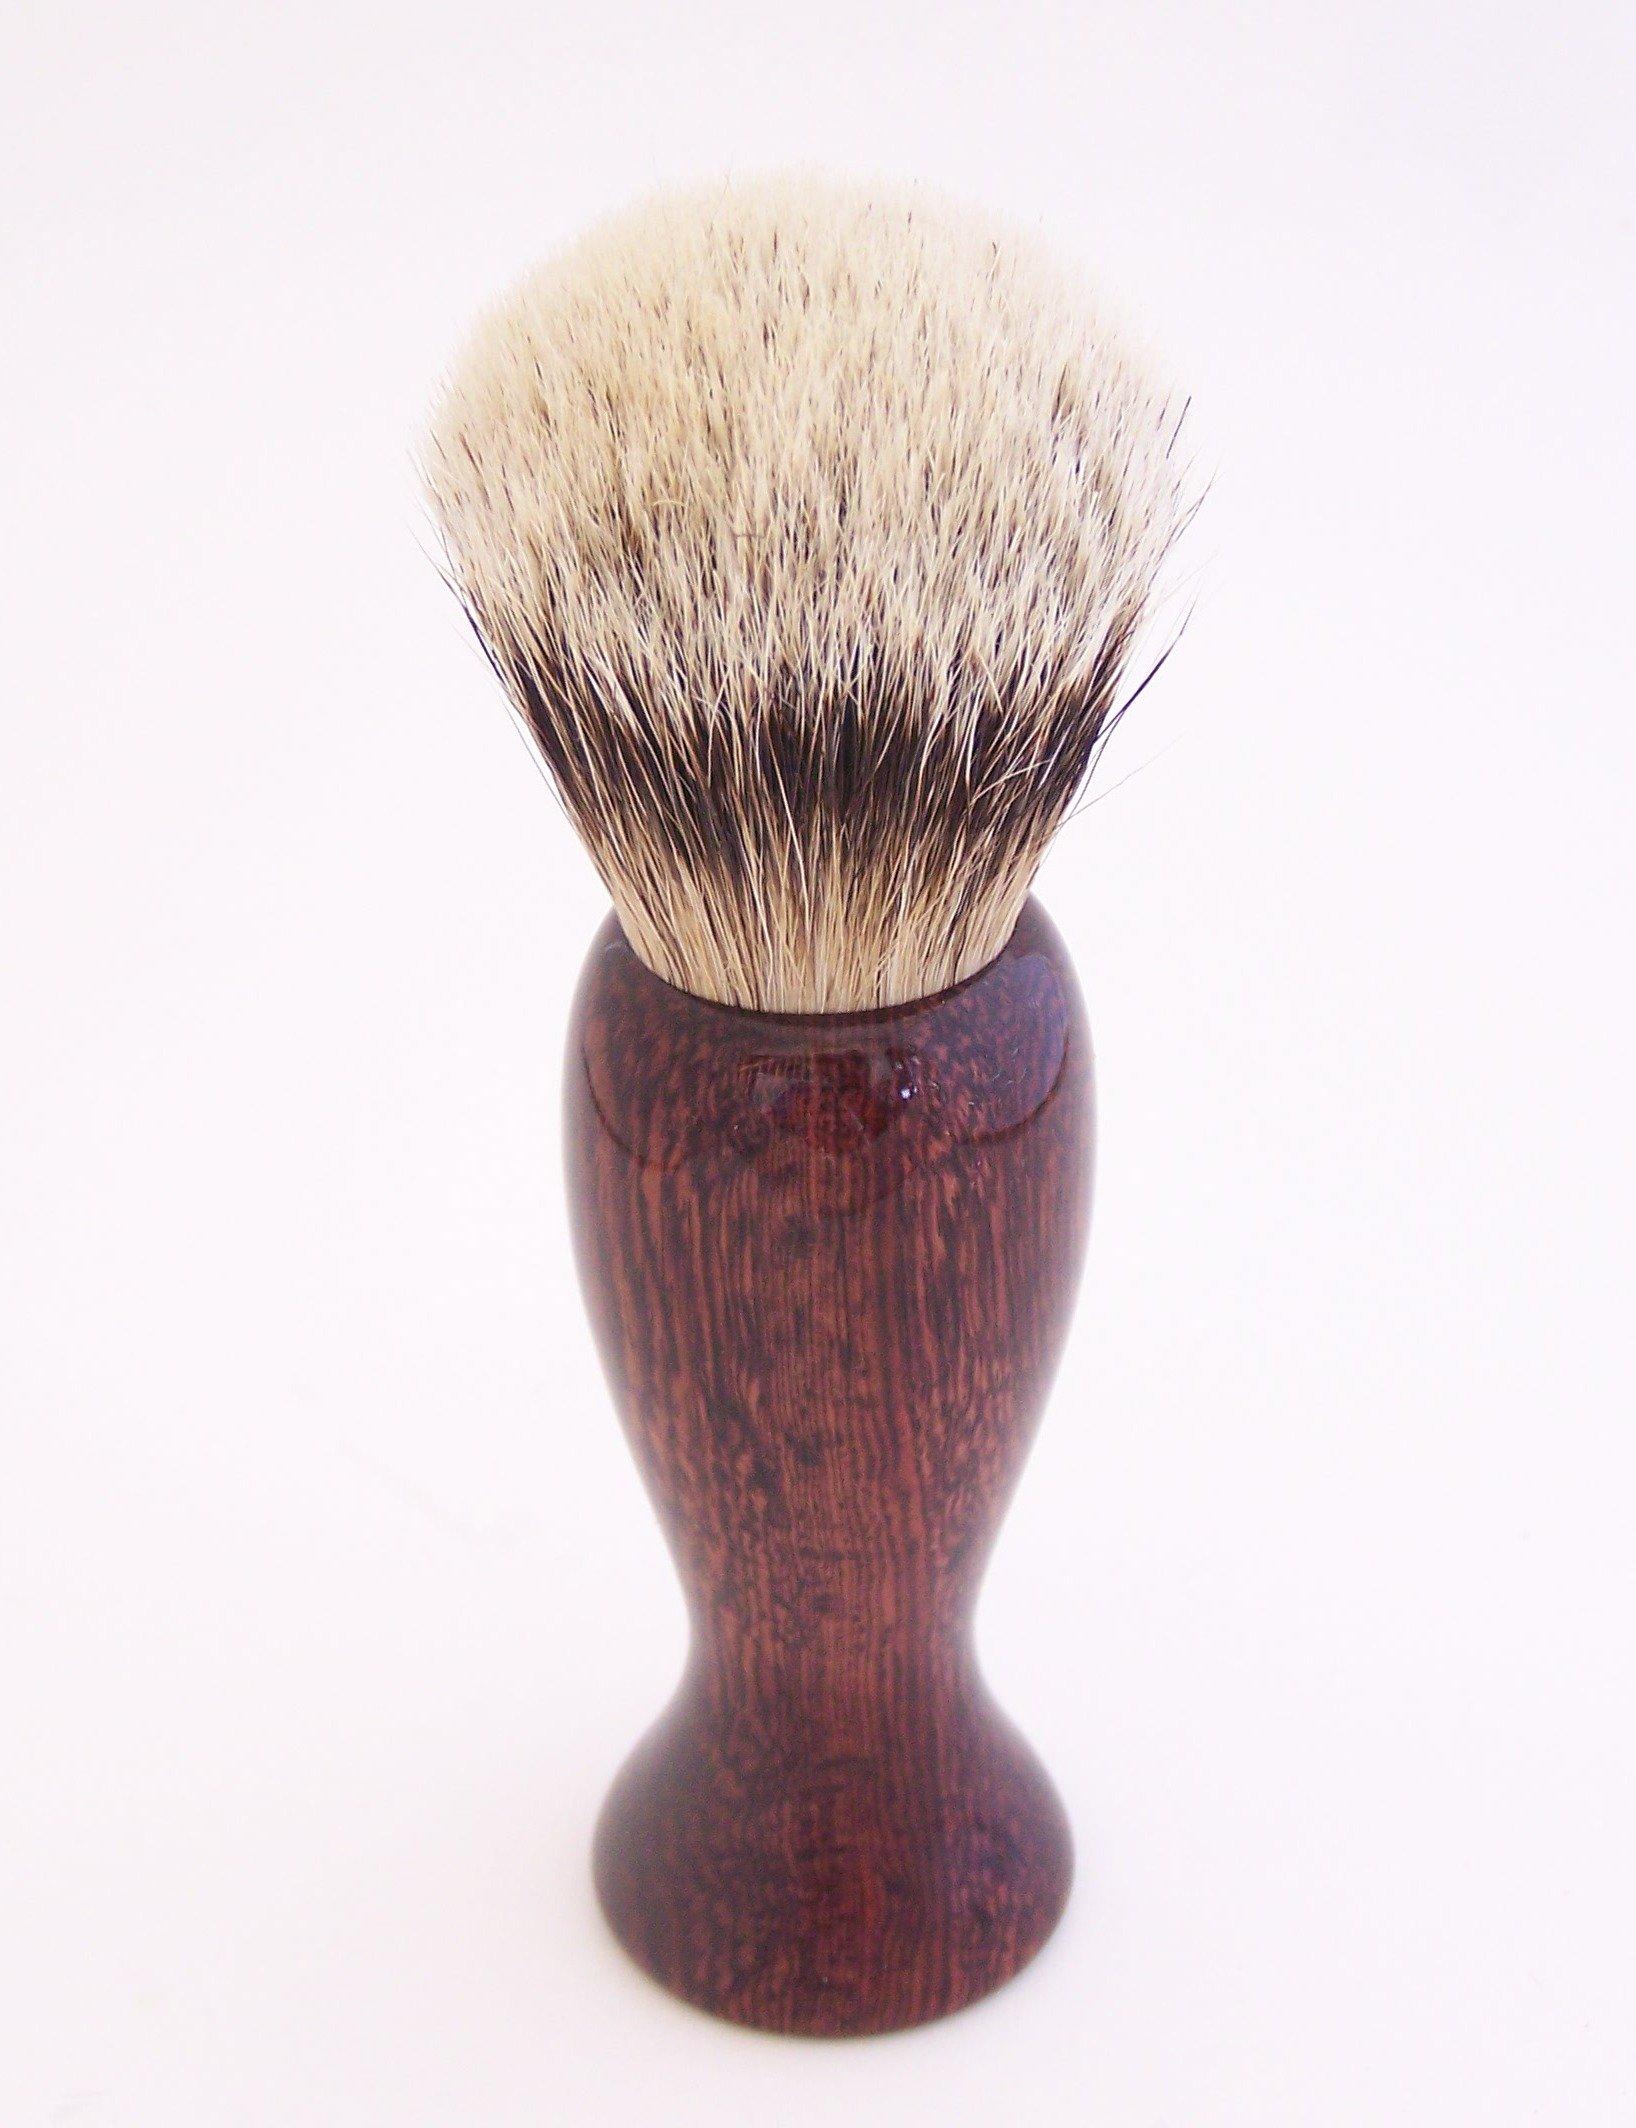 Camatillo Rosewood 20mm Super Silvertip Shaving Brush (C4)